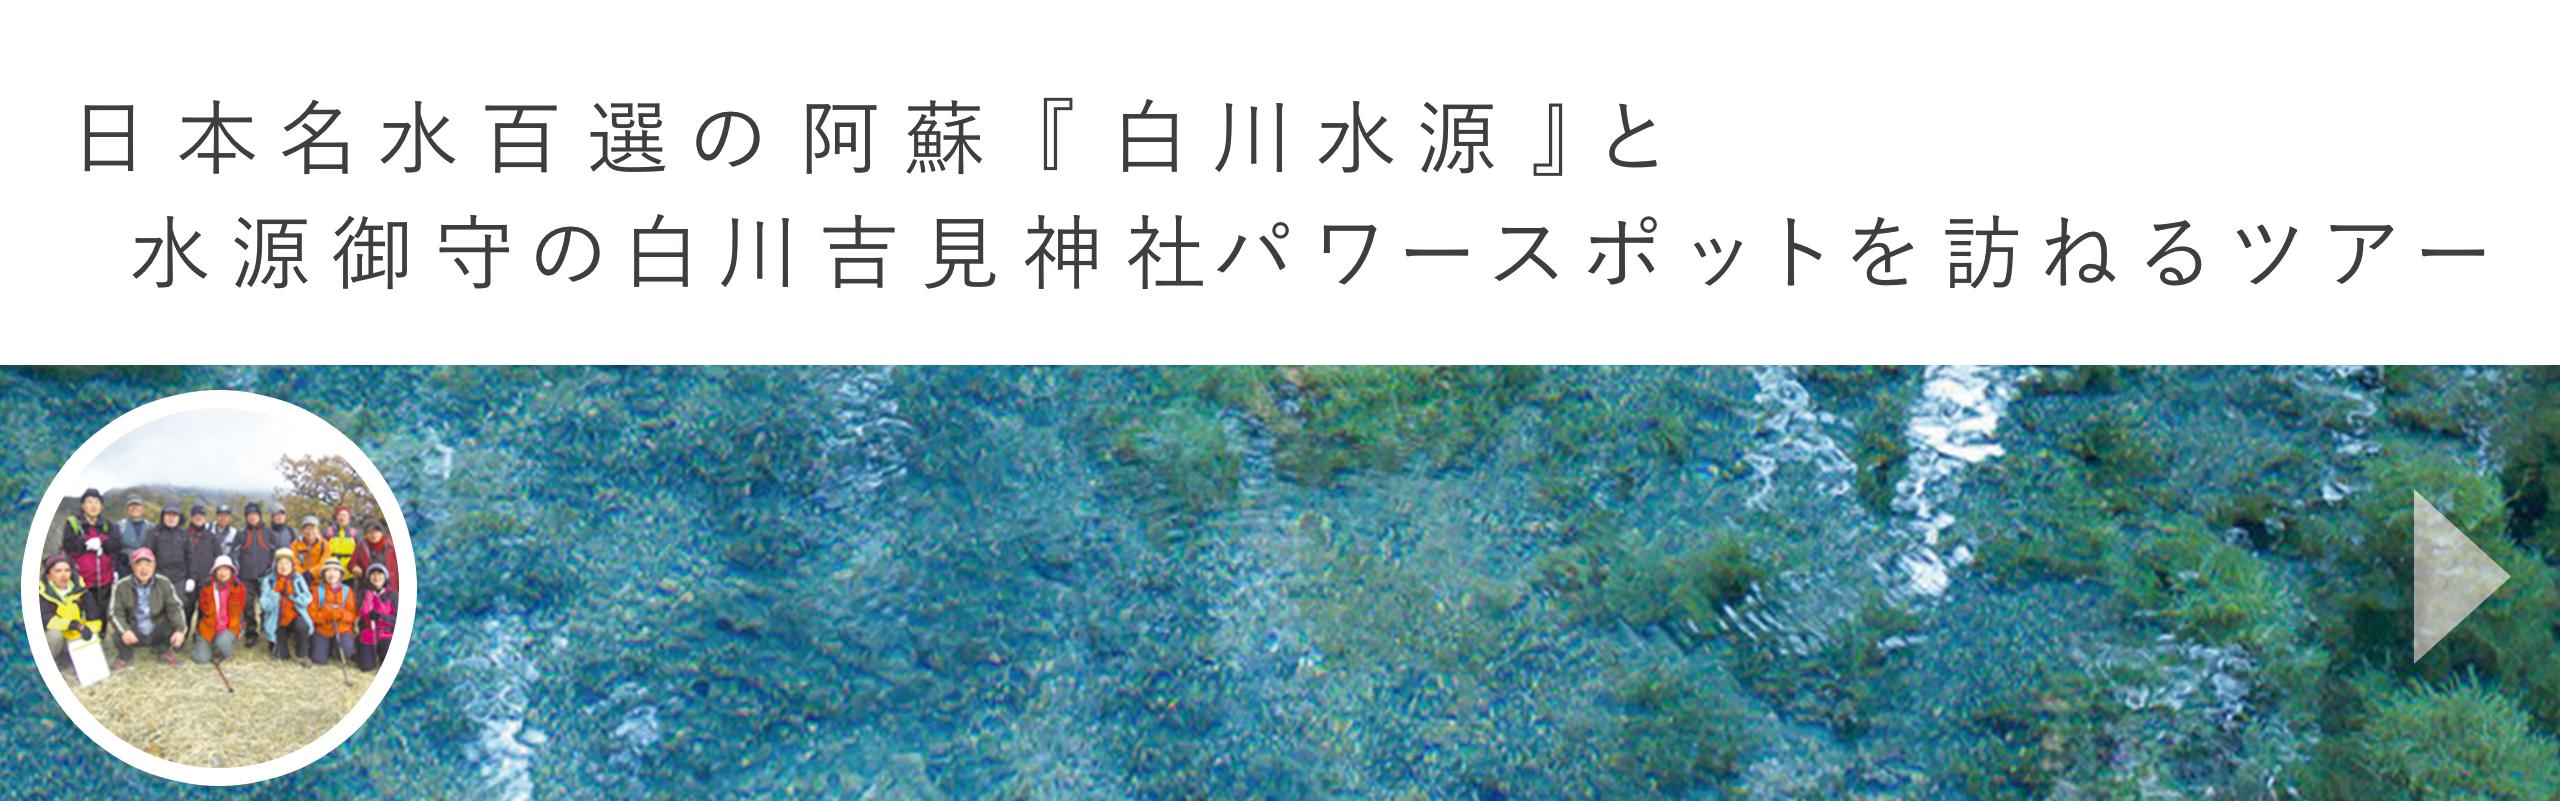 日本名水百選の阿蘇『白川水源』と水源御守の白川吉見神社パワースポットを訪ねるツアー|TABICA